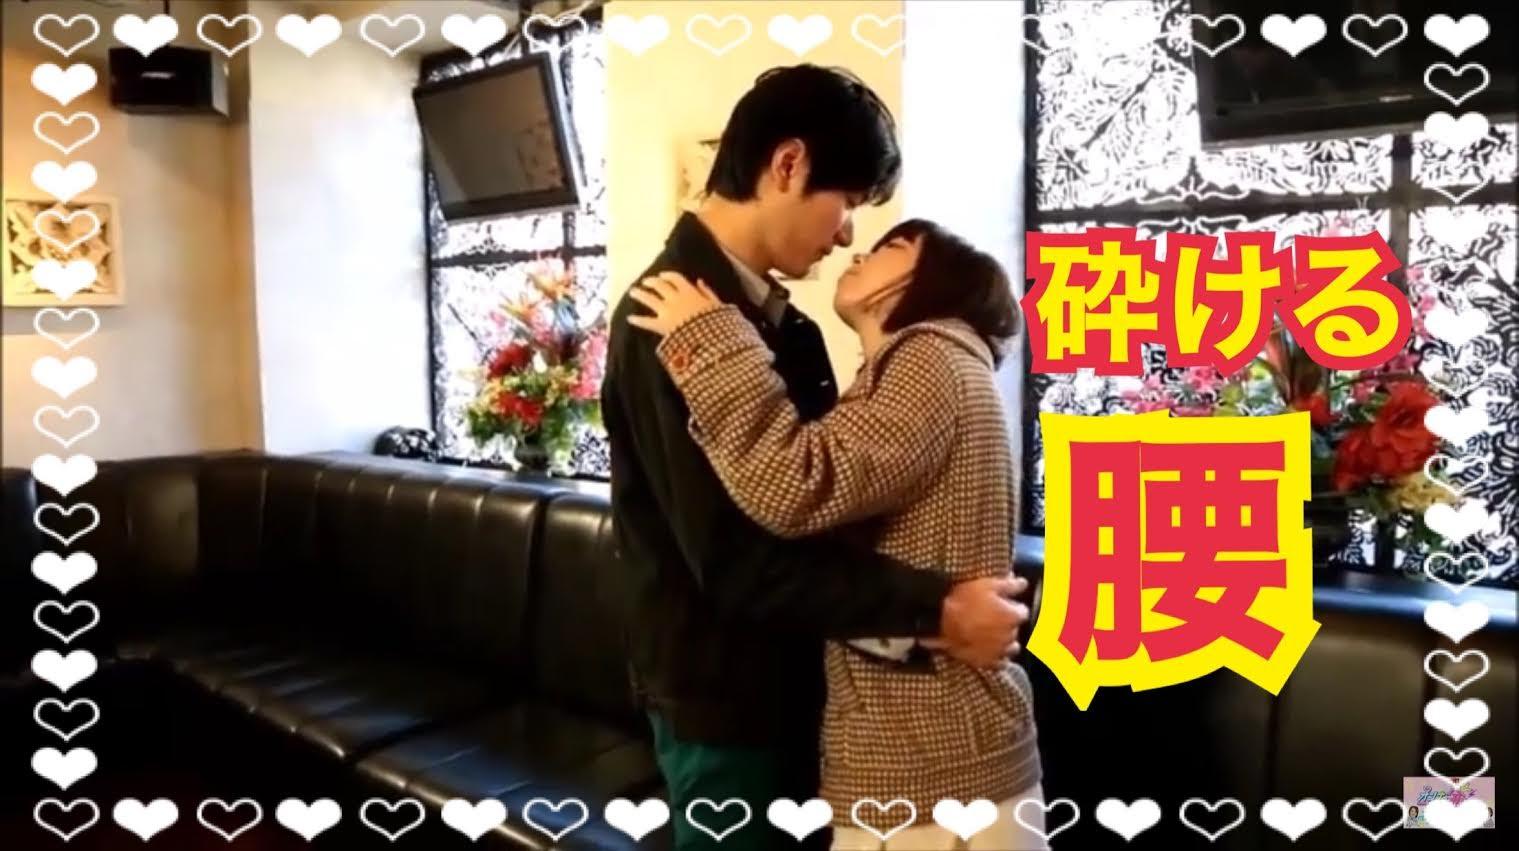 オンナの噂研究所 「キスをするだけで人は恋に落ちるのか?」